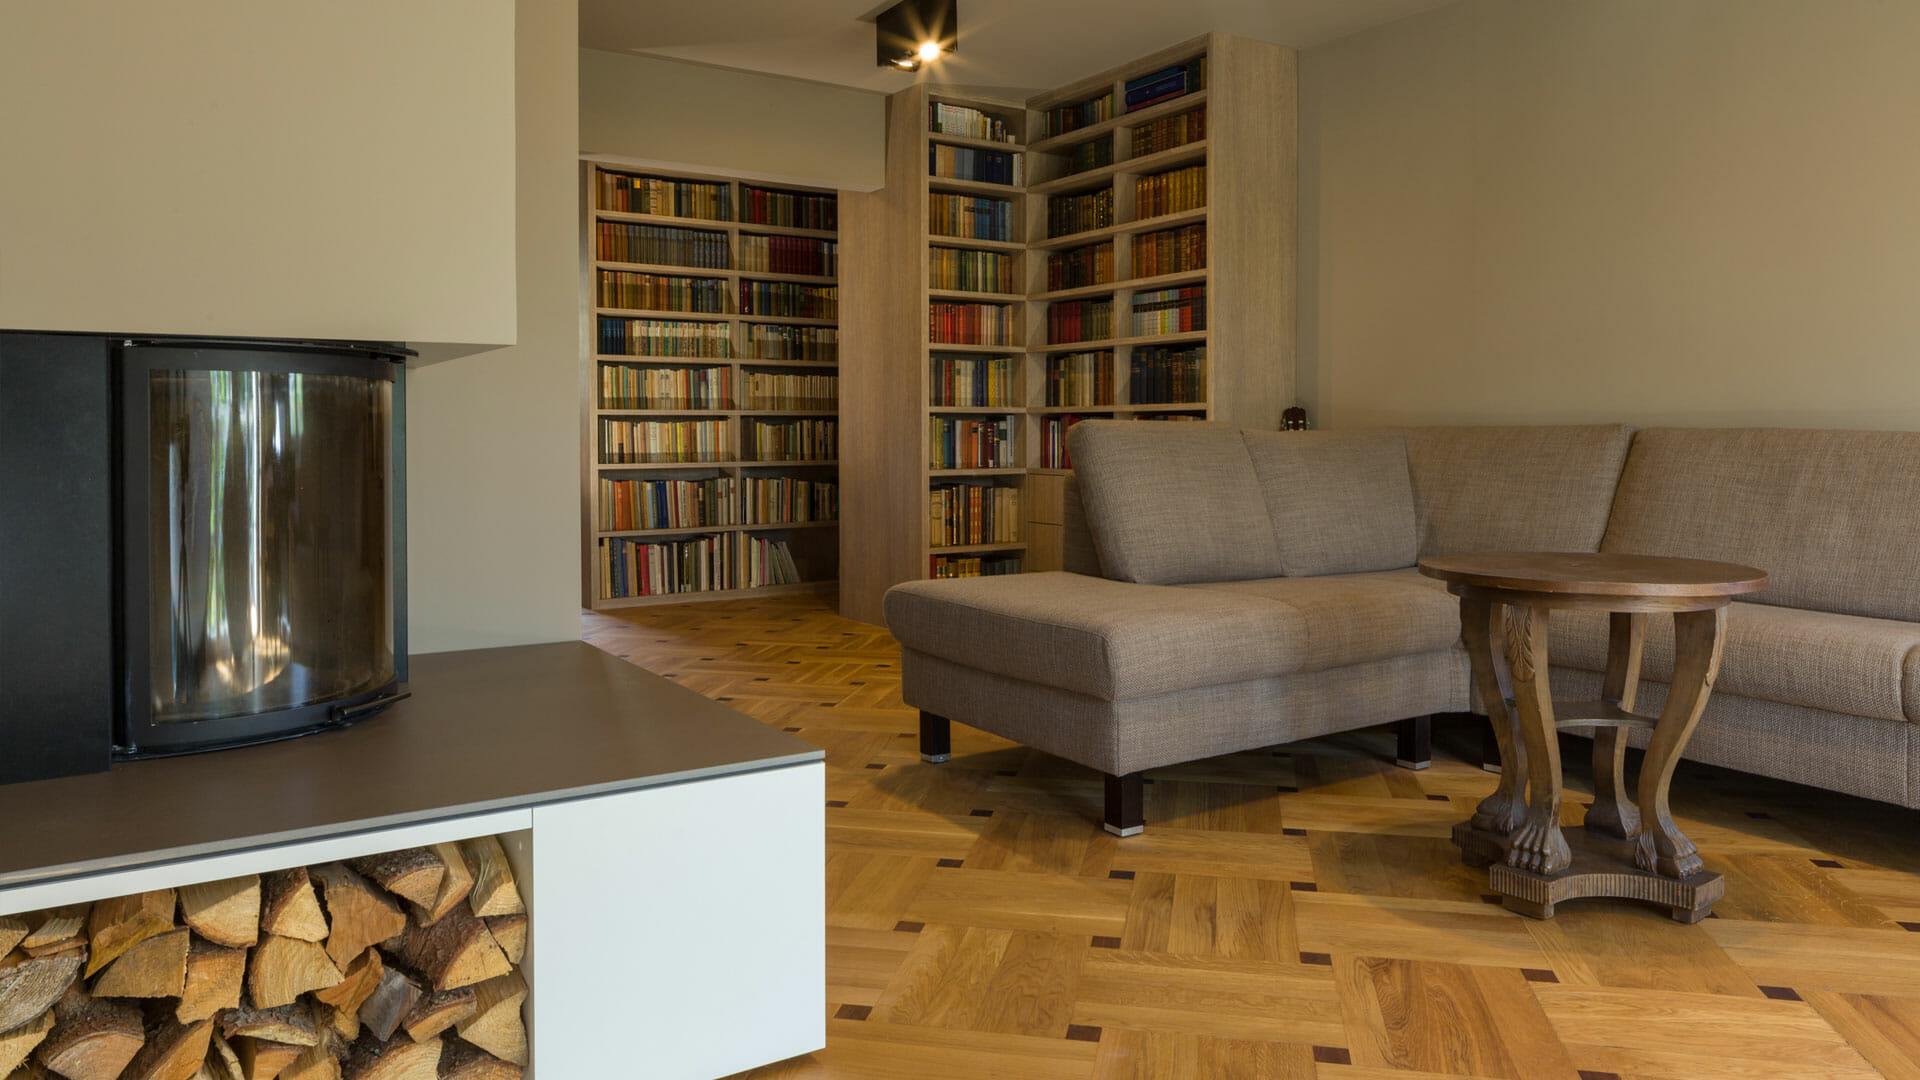 Elegantes wohnzimmer mit integrierter bibliothek for Wohnzimmer 20er jahre